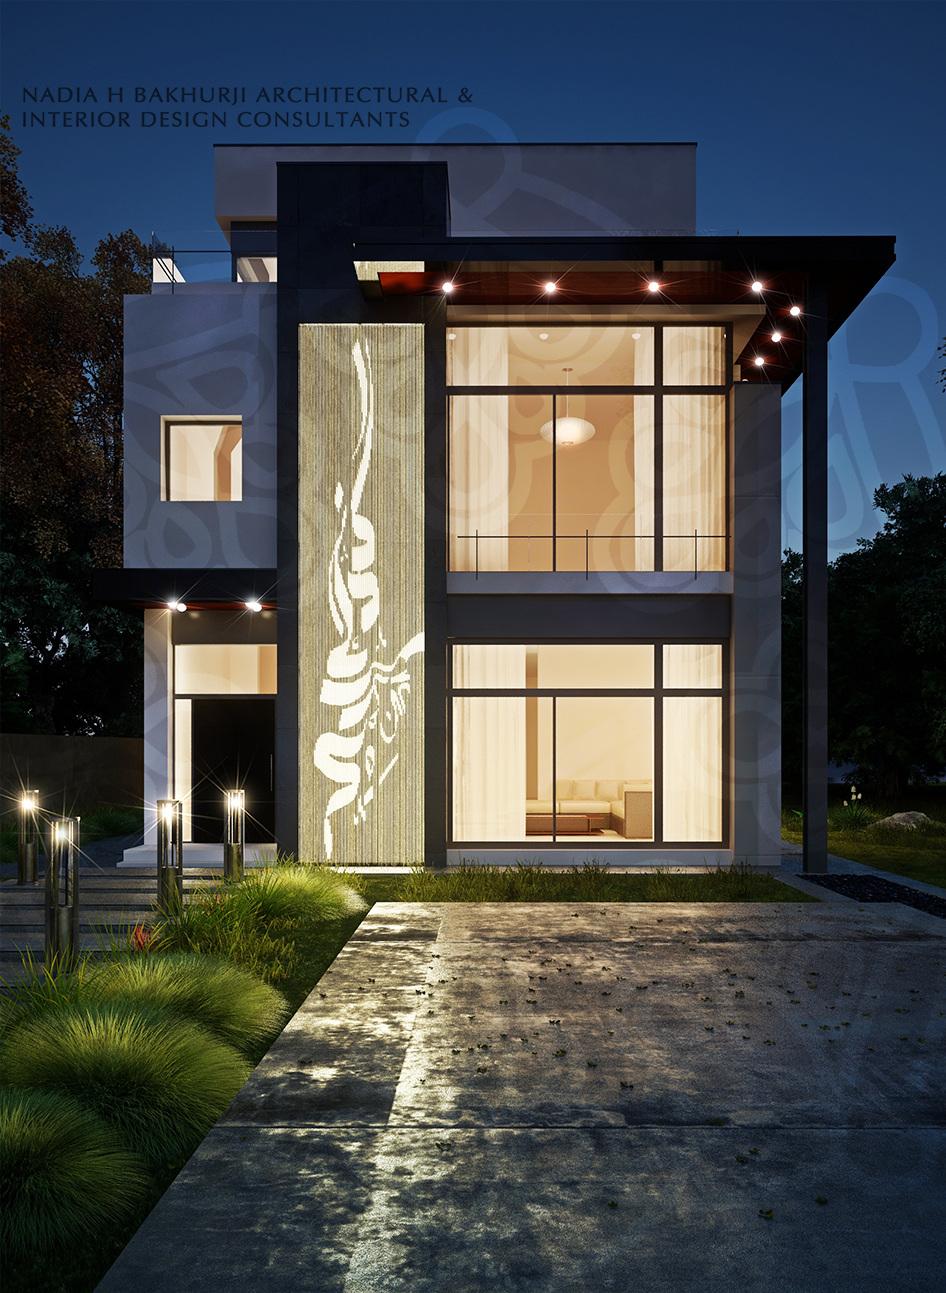 Nba nadia h bakhurji architects interior design for Archispace designs architects interior consultants